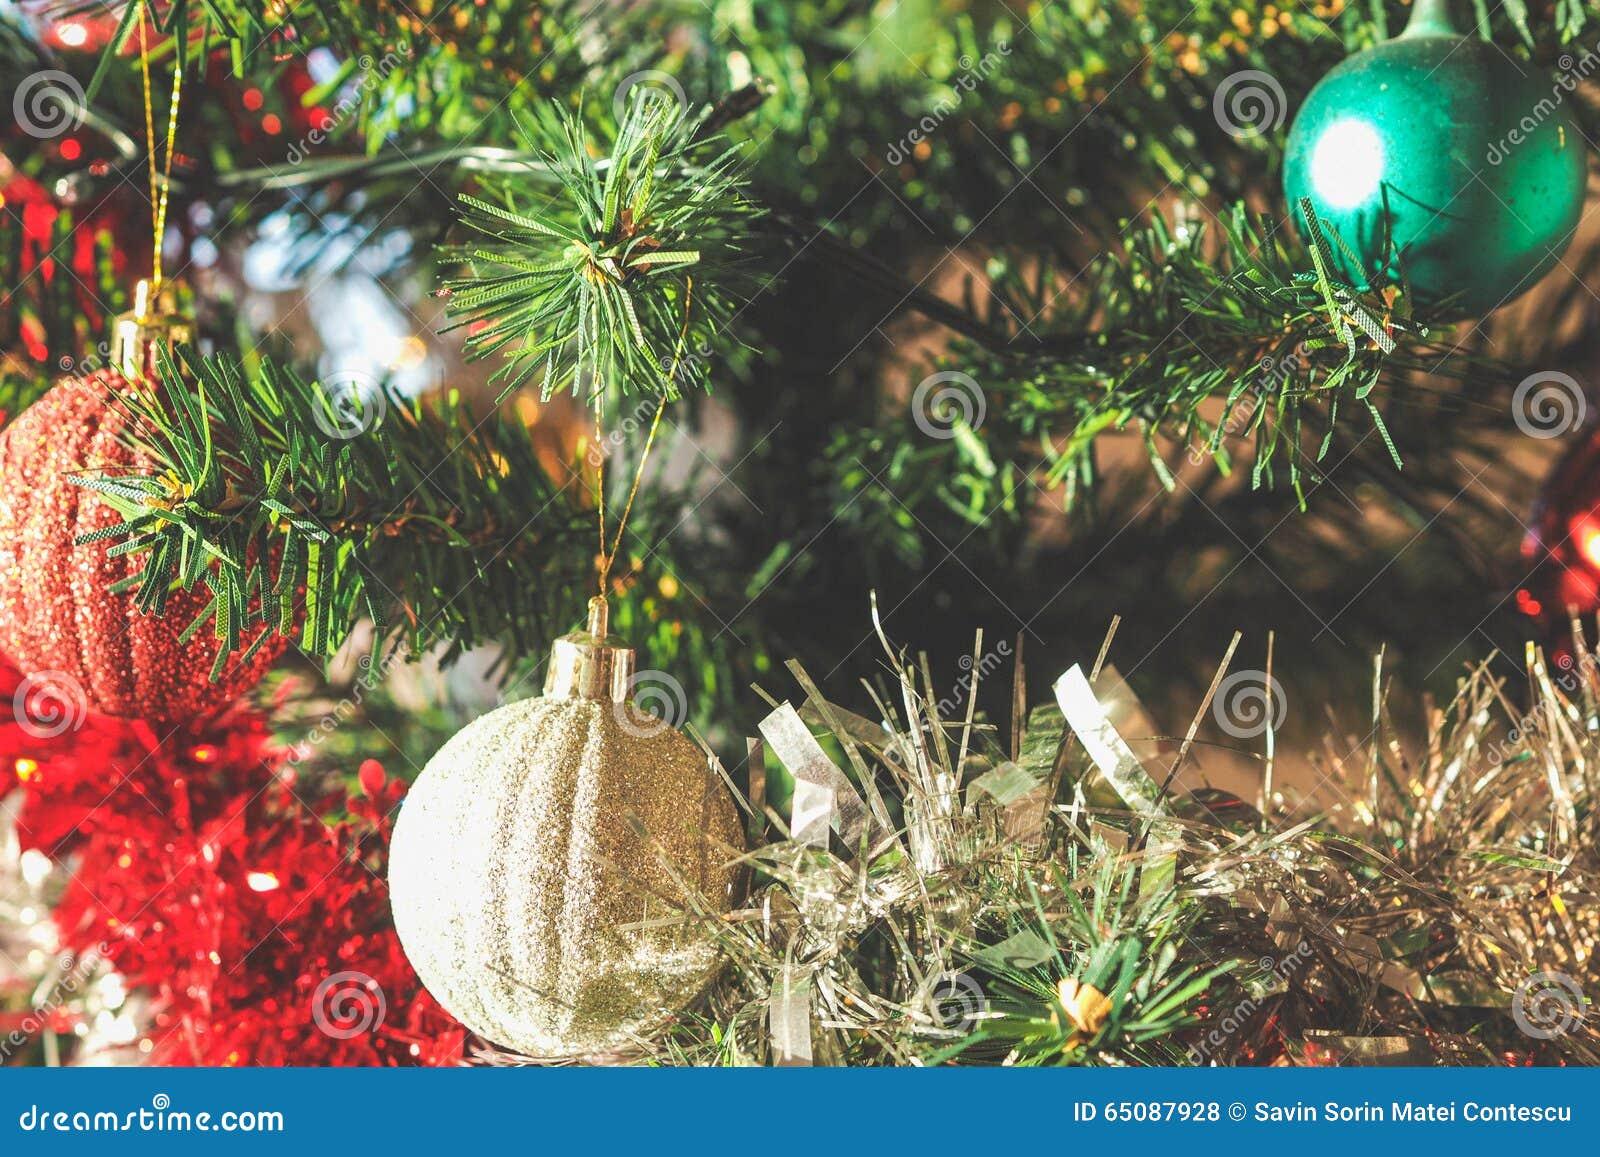 Decoraciones pl sticas del rbol de navidad foto de - Decoraciones del arbol de navidad ...